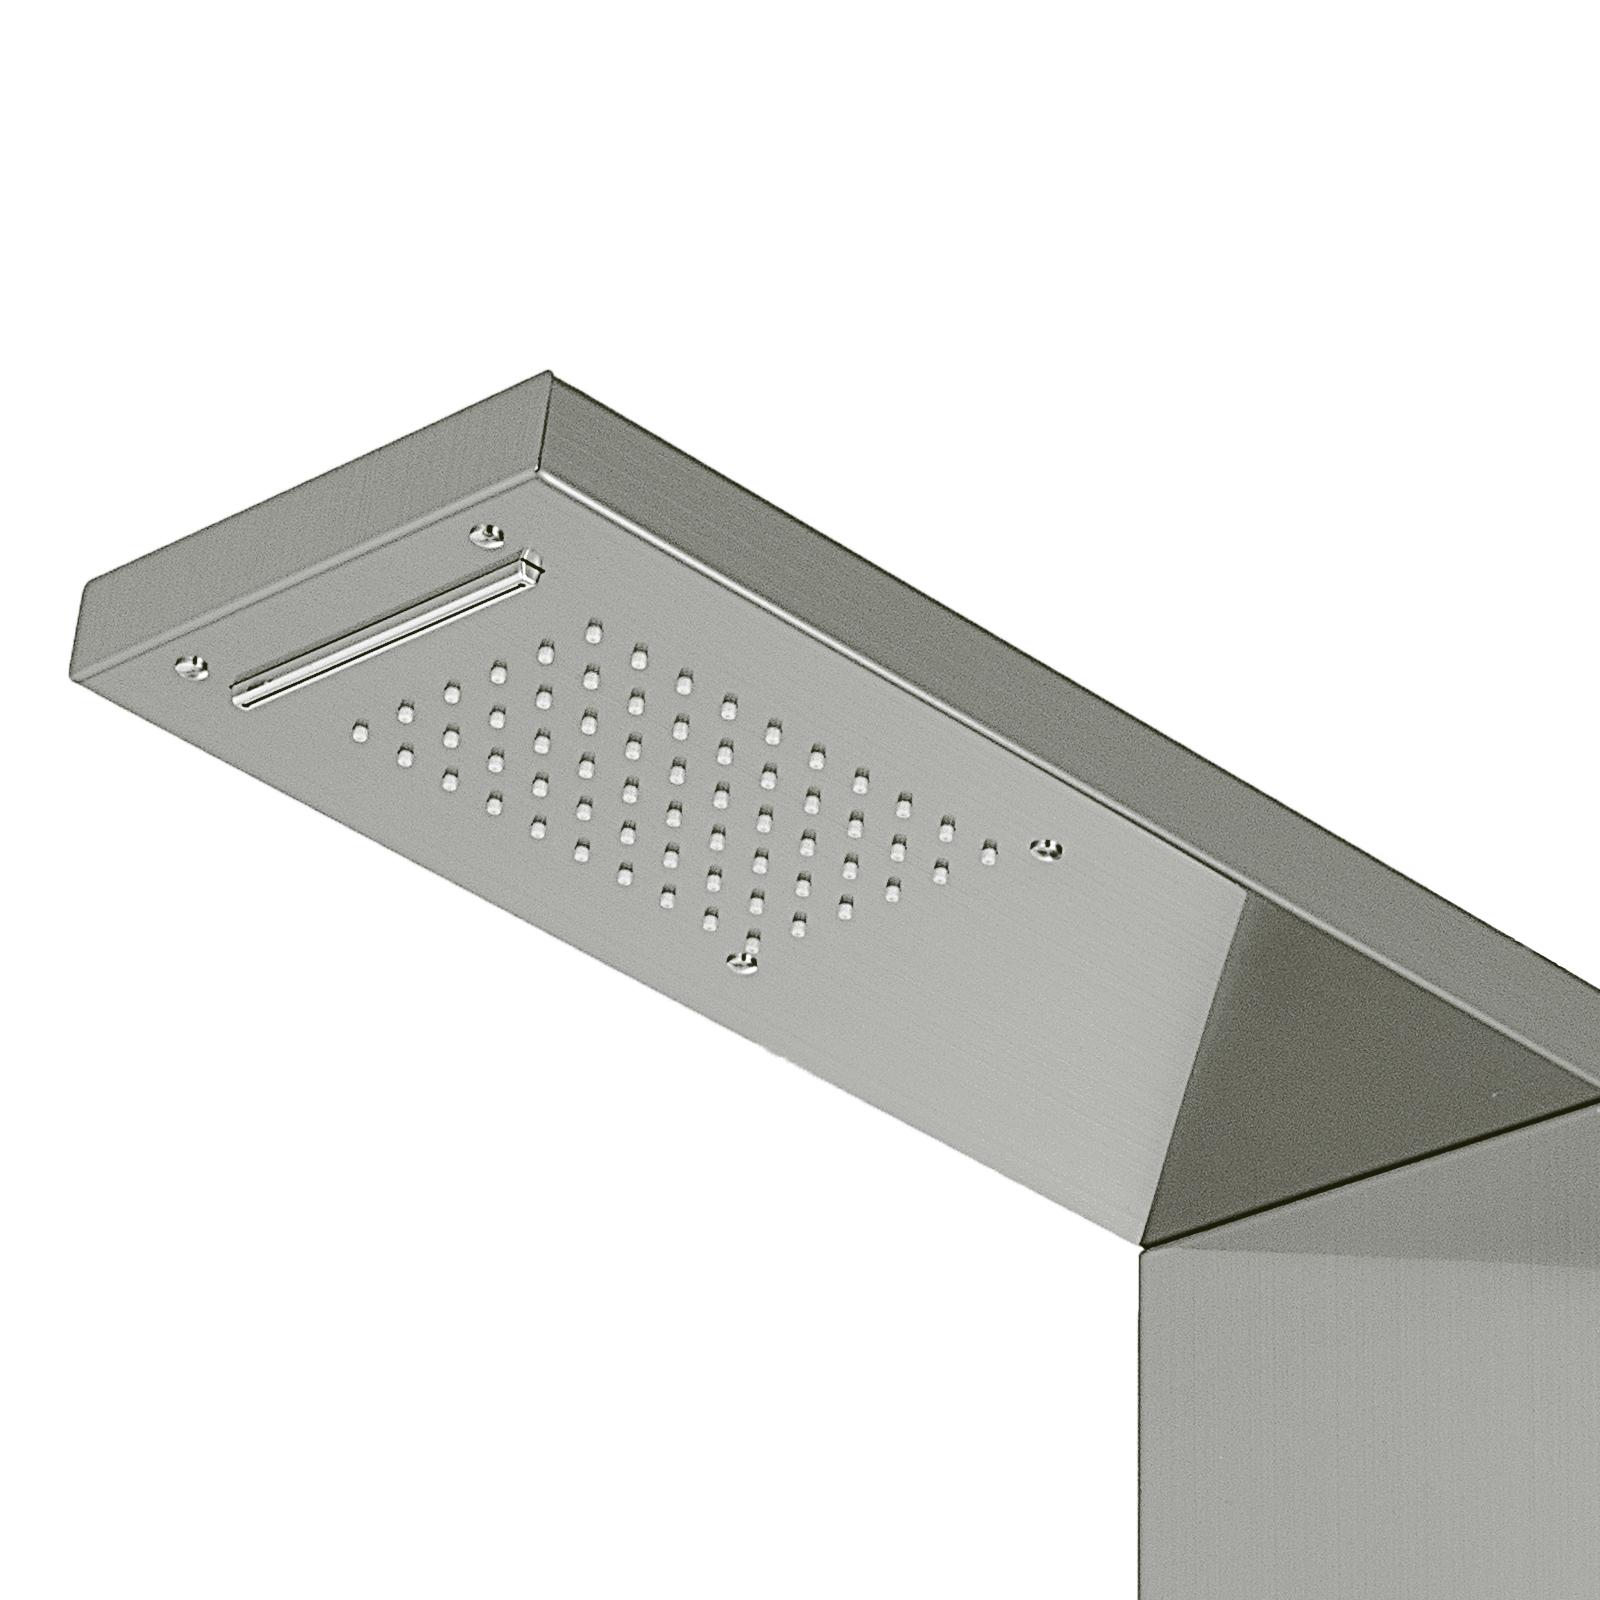 Pannello-doccia-idromassaggio-colonna-in-acciaio-inossidabile-con-miscelatore miniatura 80